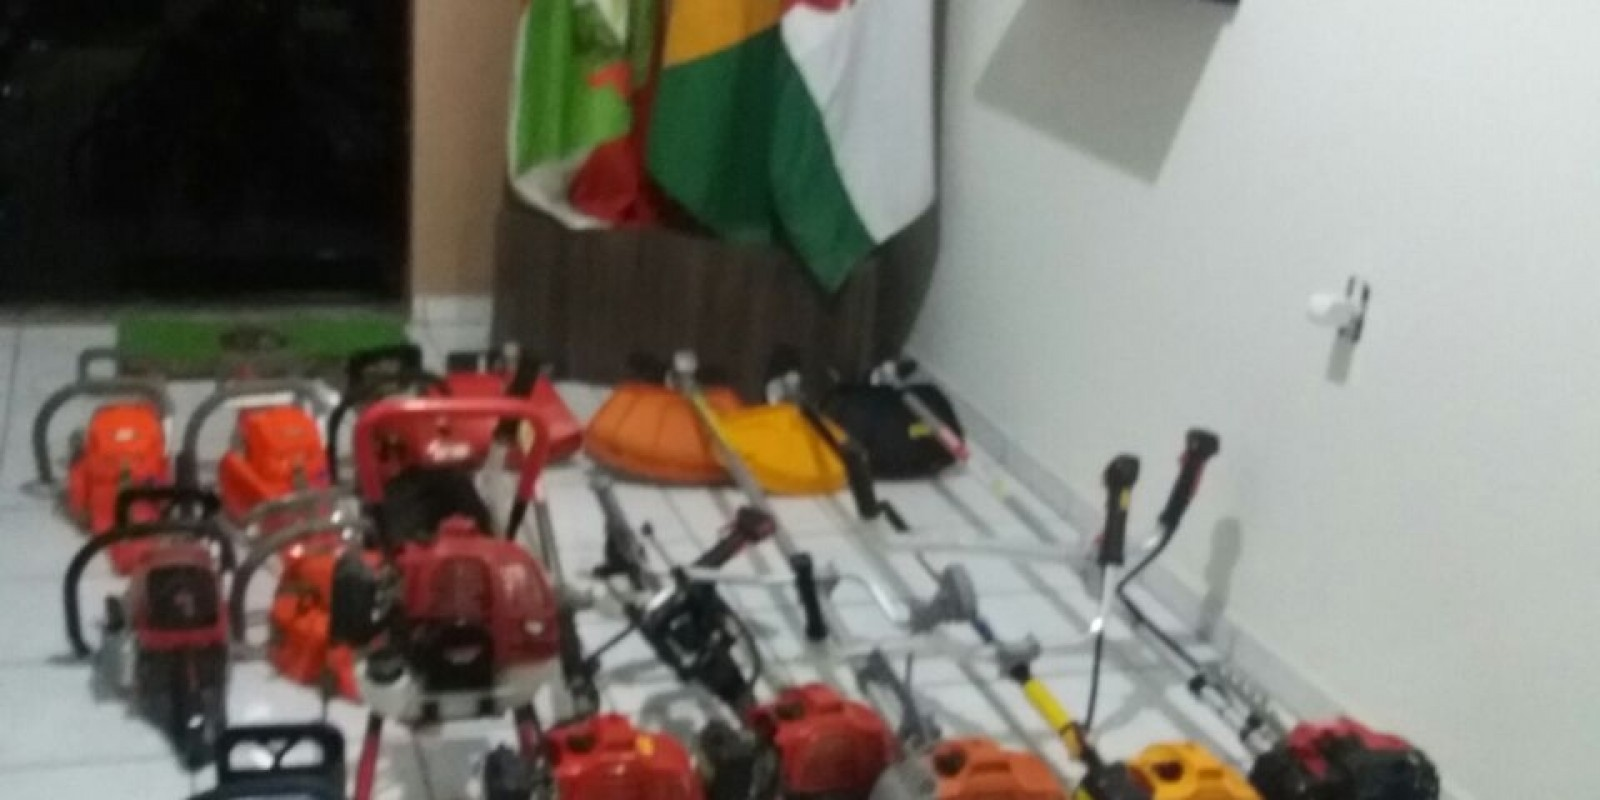 Populares registram momento de arrombamento em loja de São Ludgero